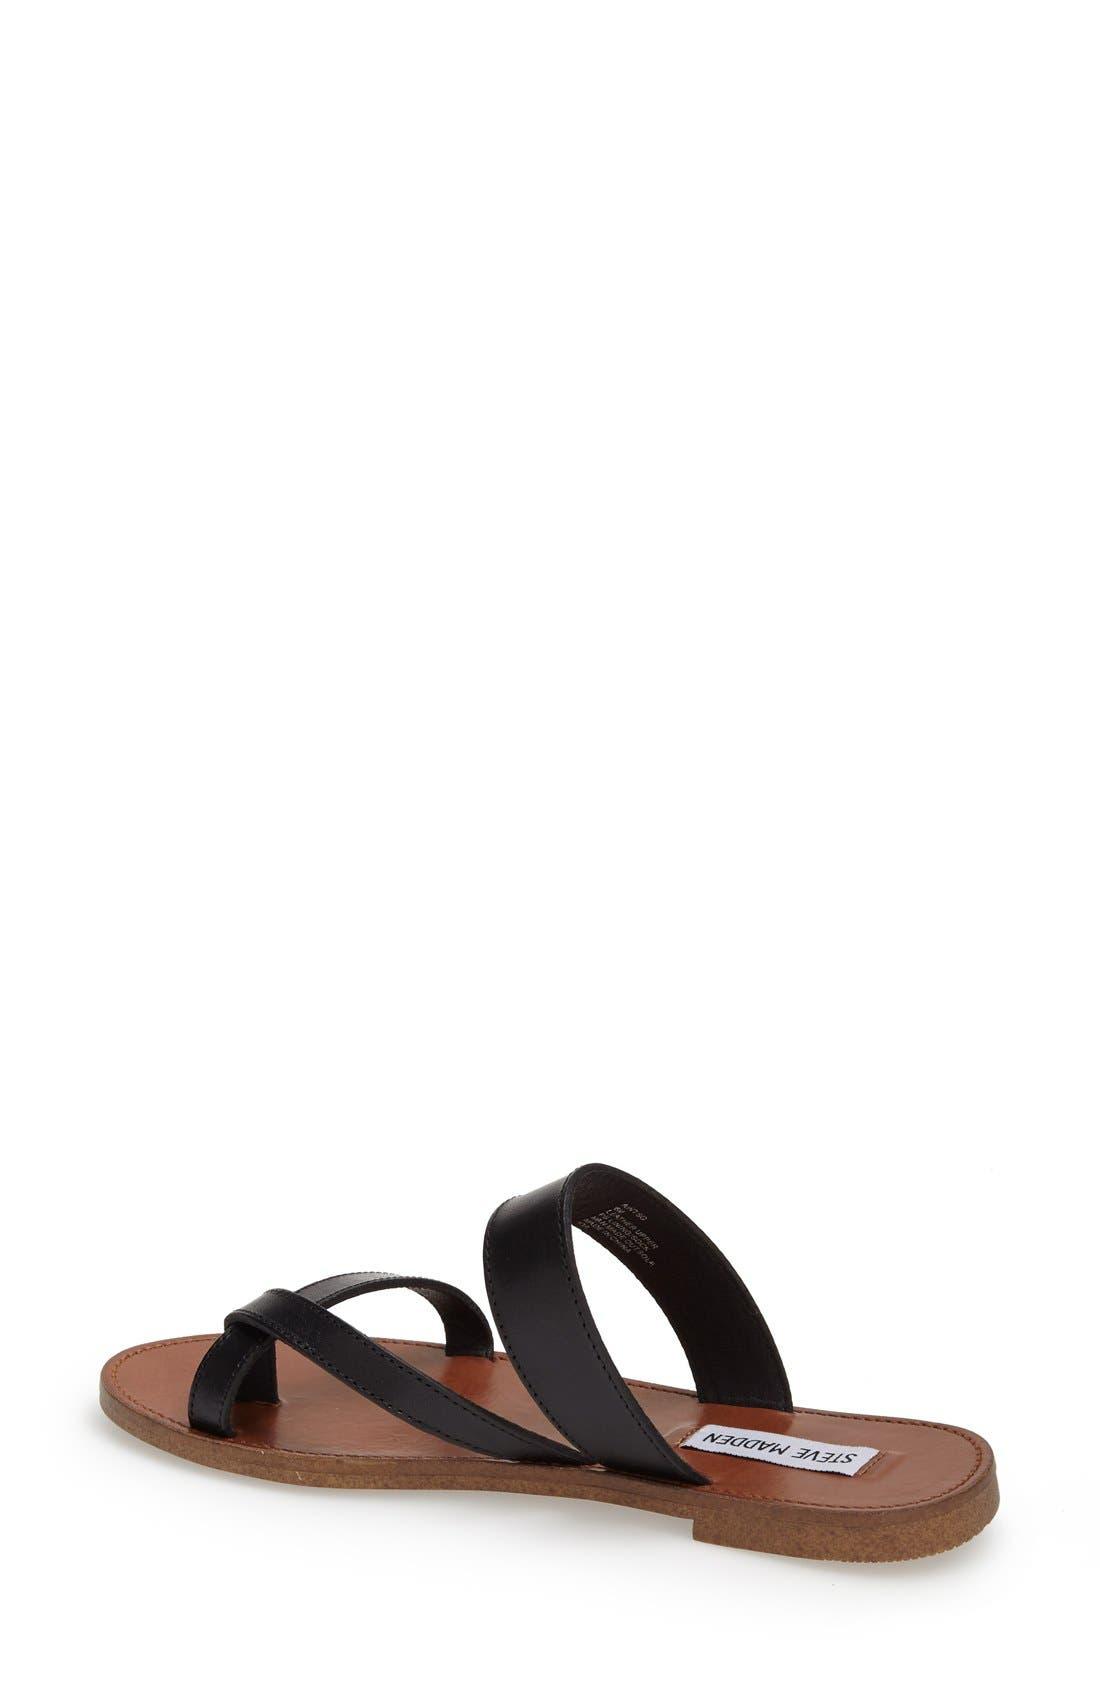 Alternate Image 2  - Steve Madden 'Aintso' Strappy Leather Toe Ring Sandal (Women)